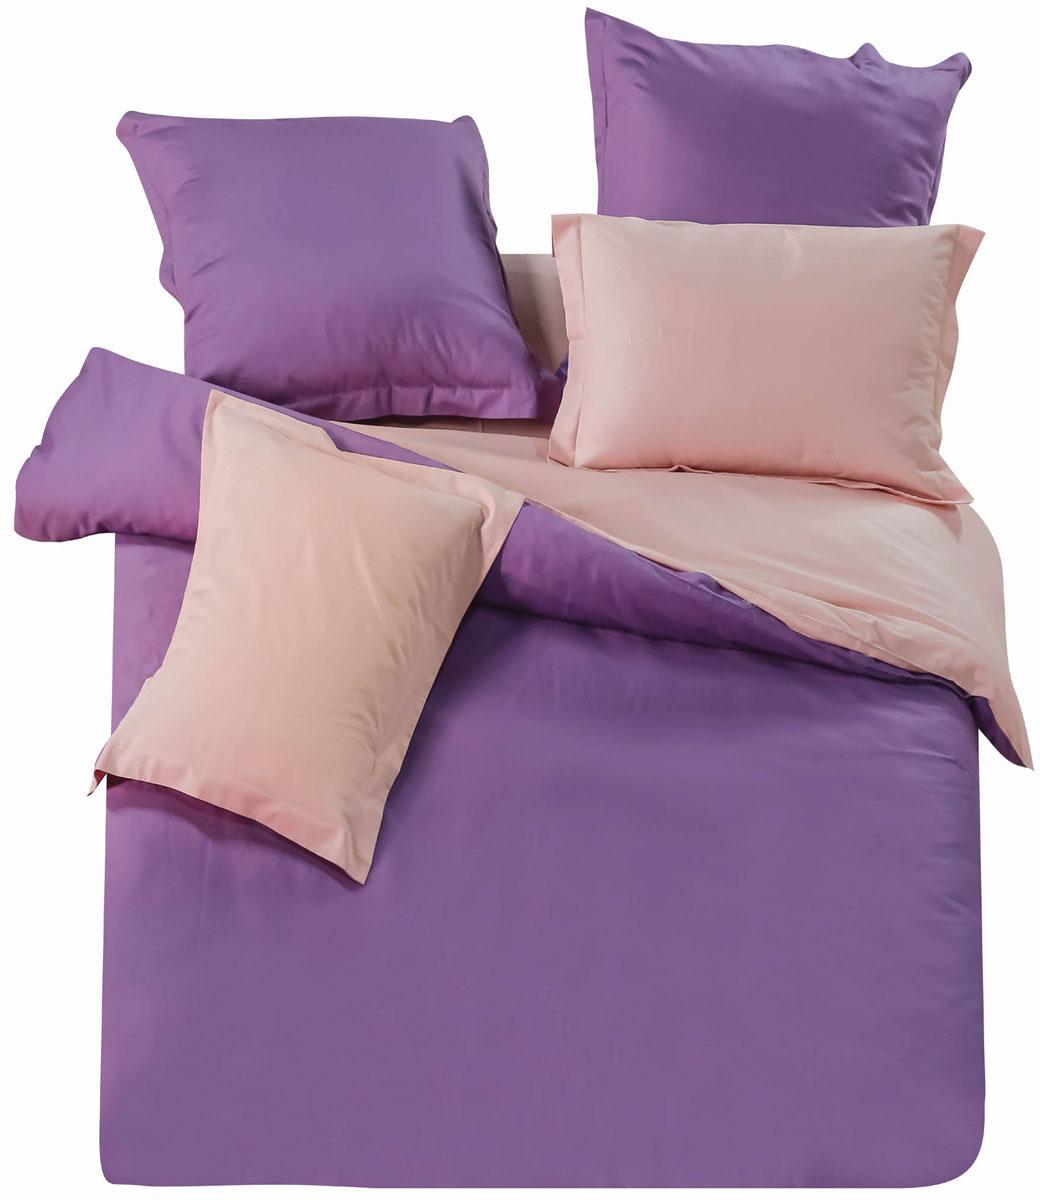 Комплект постельного белья СайлиД Abbi, 1,5-спальный, наволочки 70x70, цвет: персиковый, фиолетовыйsail236531Наволочки с декоративным кантом особенно подойдут, если вы предпочитаете класть подушки поверх покрывала. Кайма шириной 5-10 см с трех или четырех сторон делает подушки визуально более объемными, смотрятся они очень аккуратно, даже парадно. Еще такие наволочки называют оксфордскими или наволочками «с ушками».В сатине высокой плотности нити очень сильно скручены, поэтому ткань гладкая и немного блестит. Краска на сатине держится очень хорошо, новое белье не полиняет и со временем не станет выцветать. Комплект из плотного сатина прослужит дольше любого другого хлопкового белья. Благодаря диагональному пересечению нитей, он почти не мнется, но по гладкости и мягкости уступает атласным тканям.